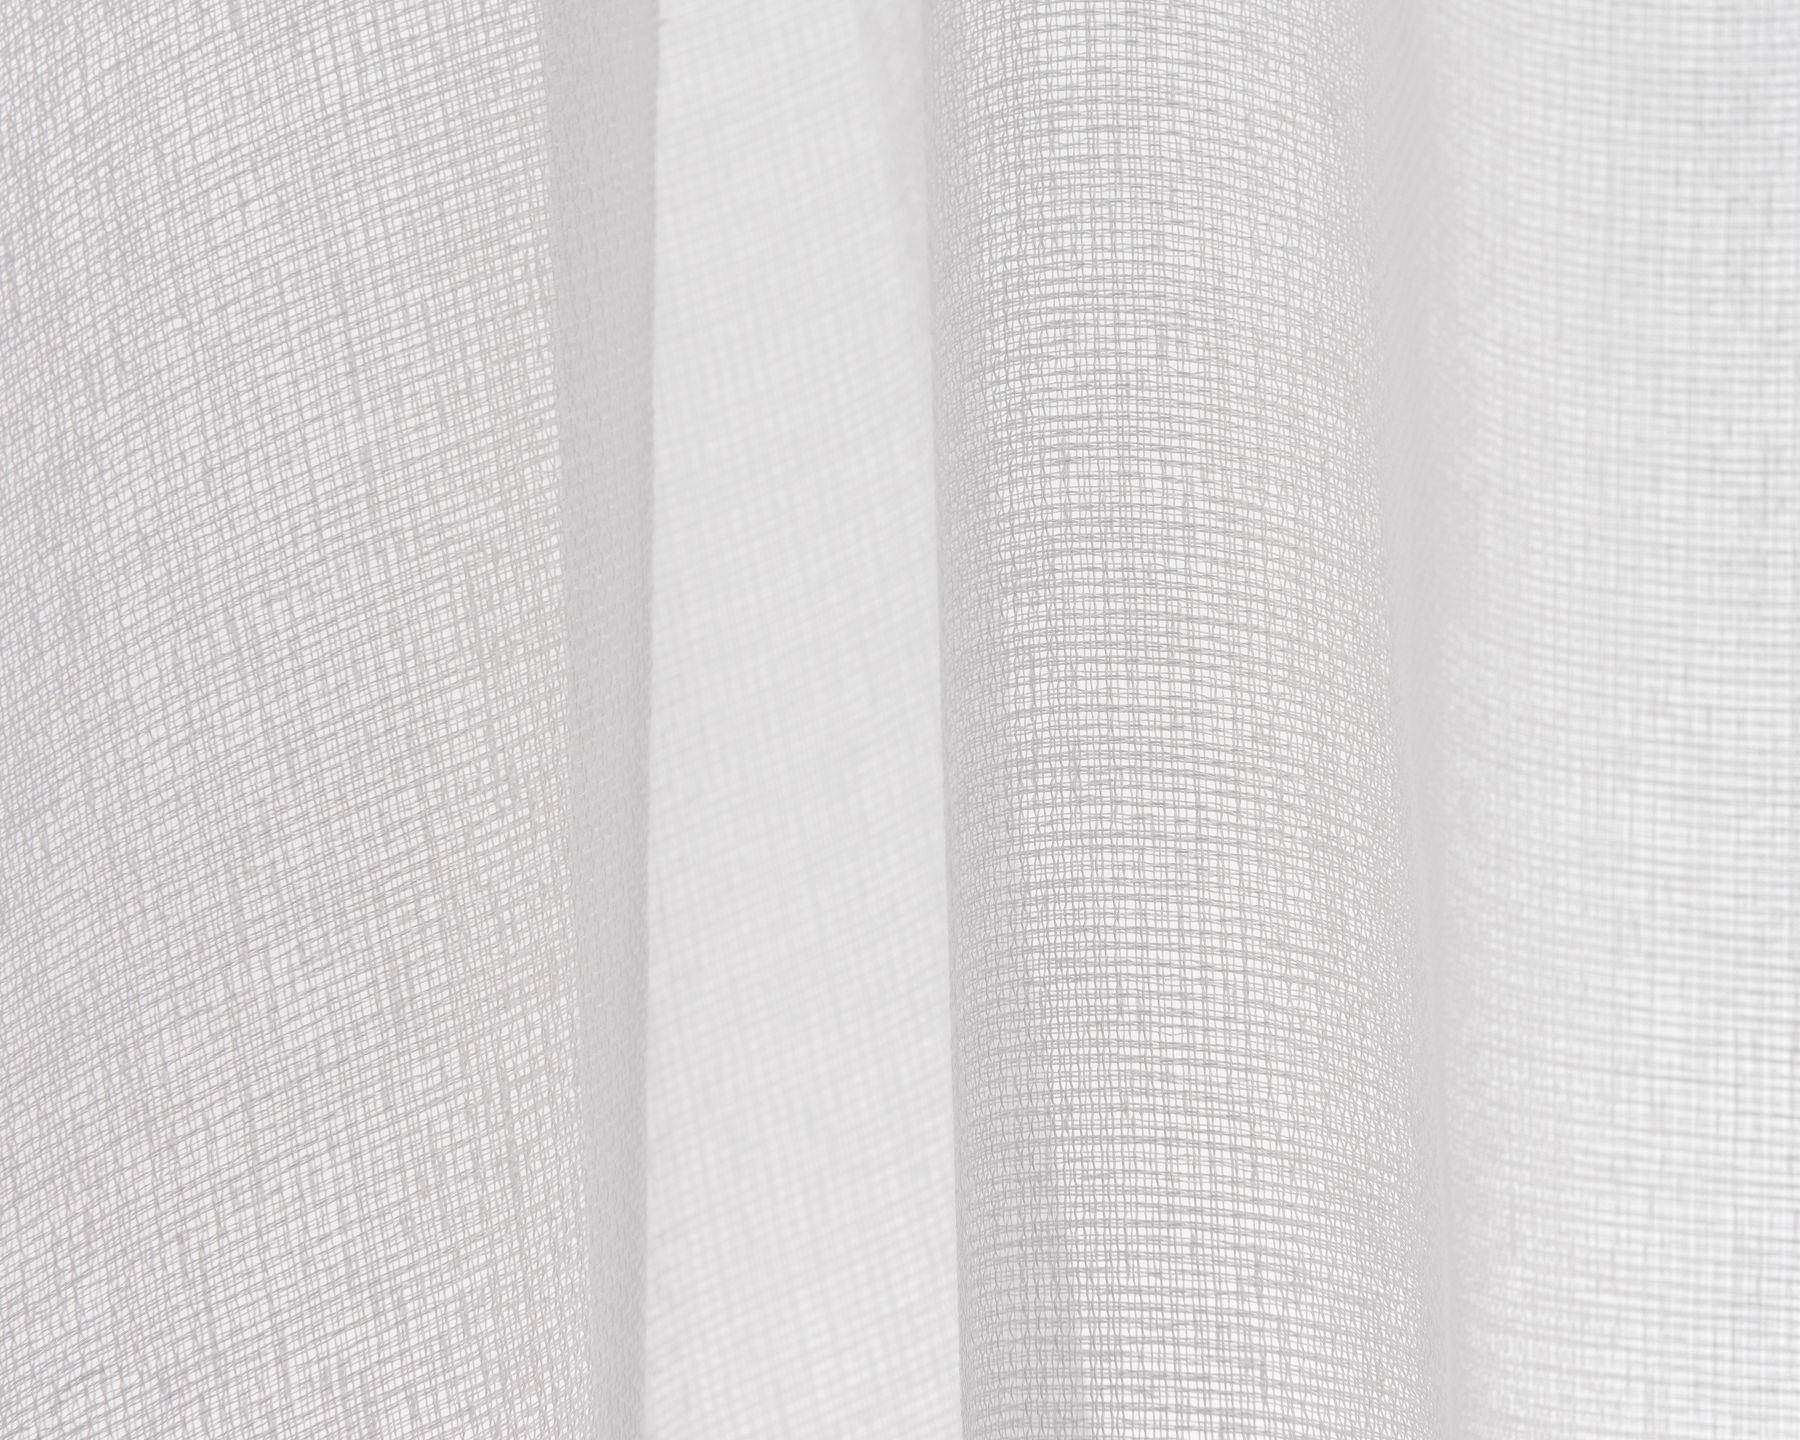 Fertigvorhang mit verdecktem Schlaufenband weiss (2)